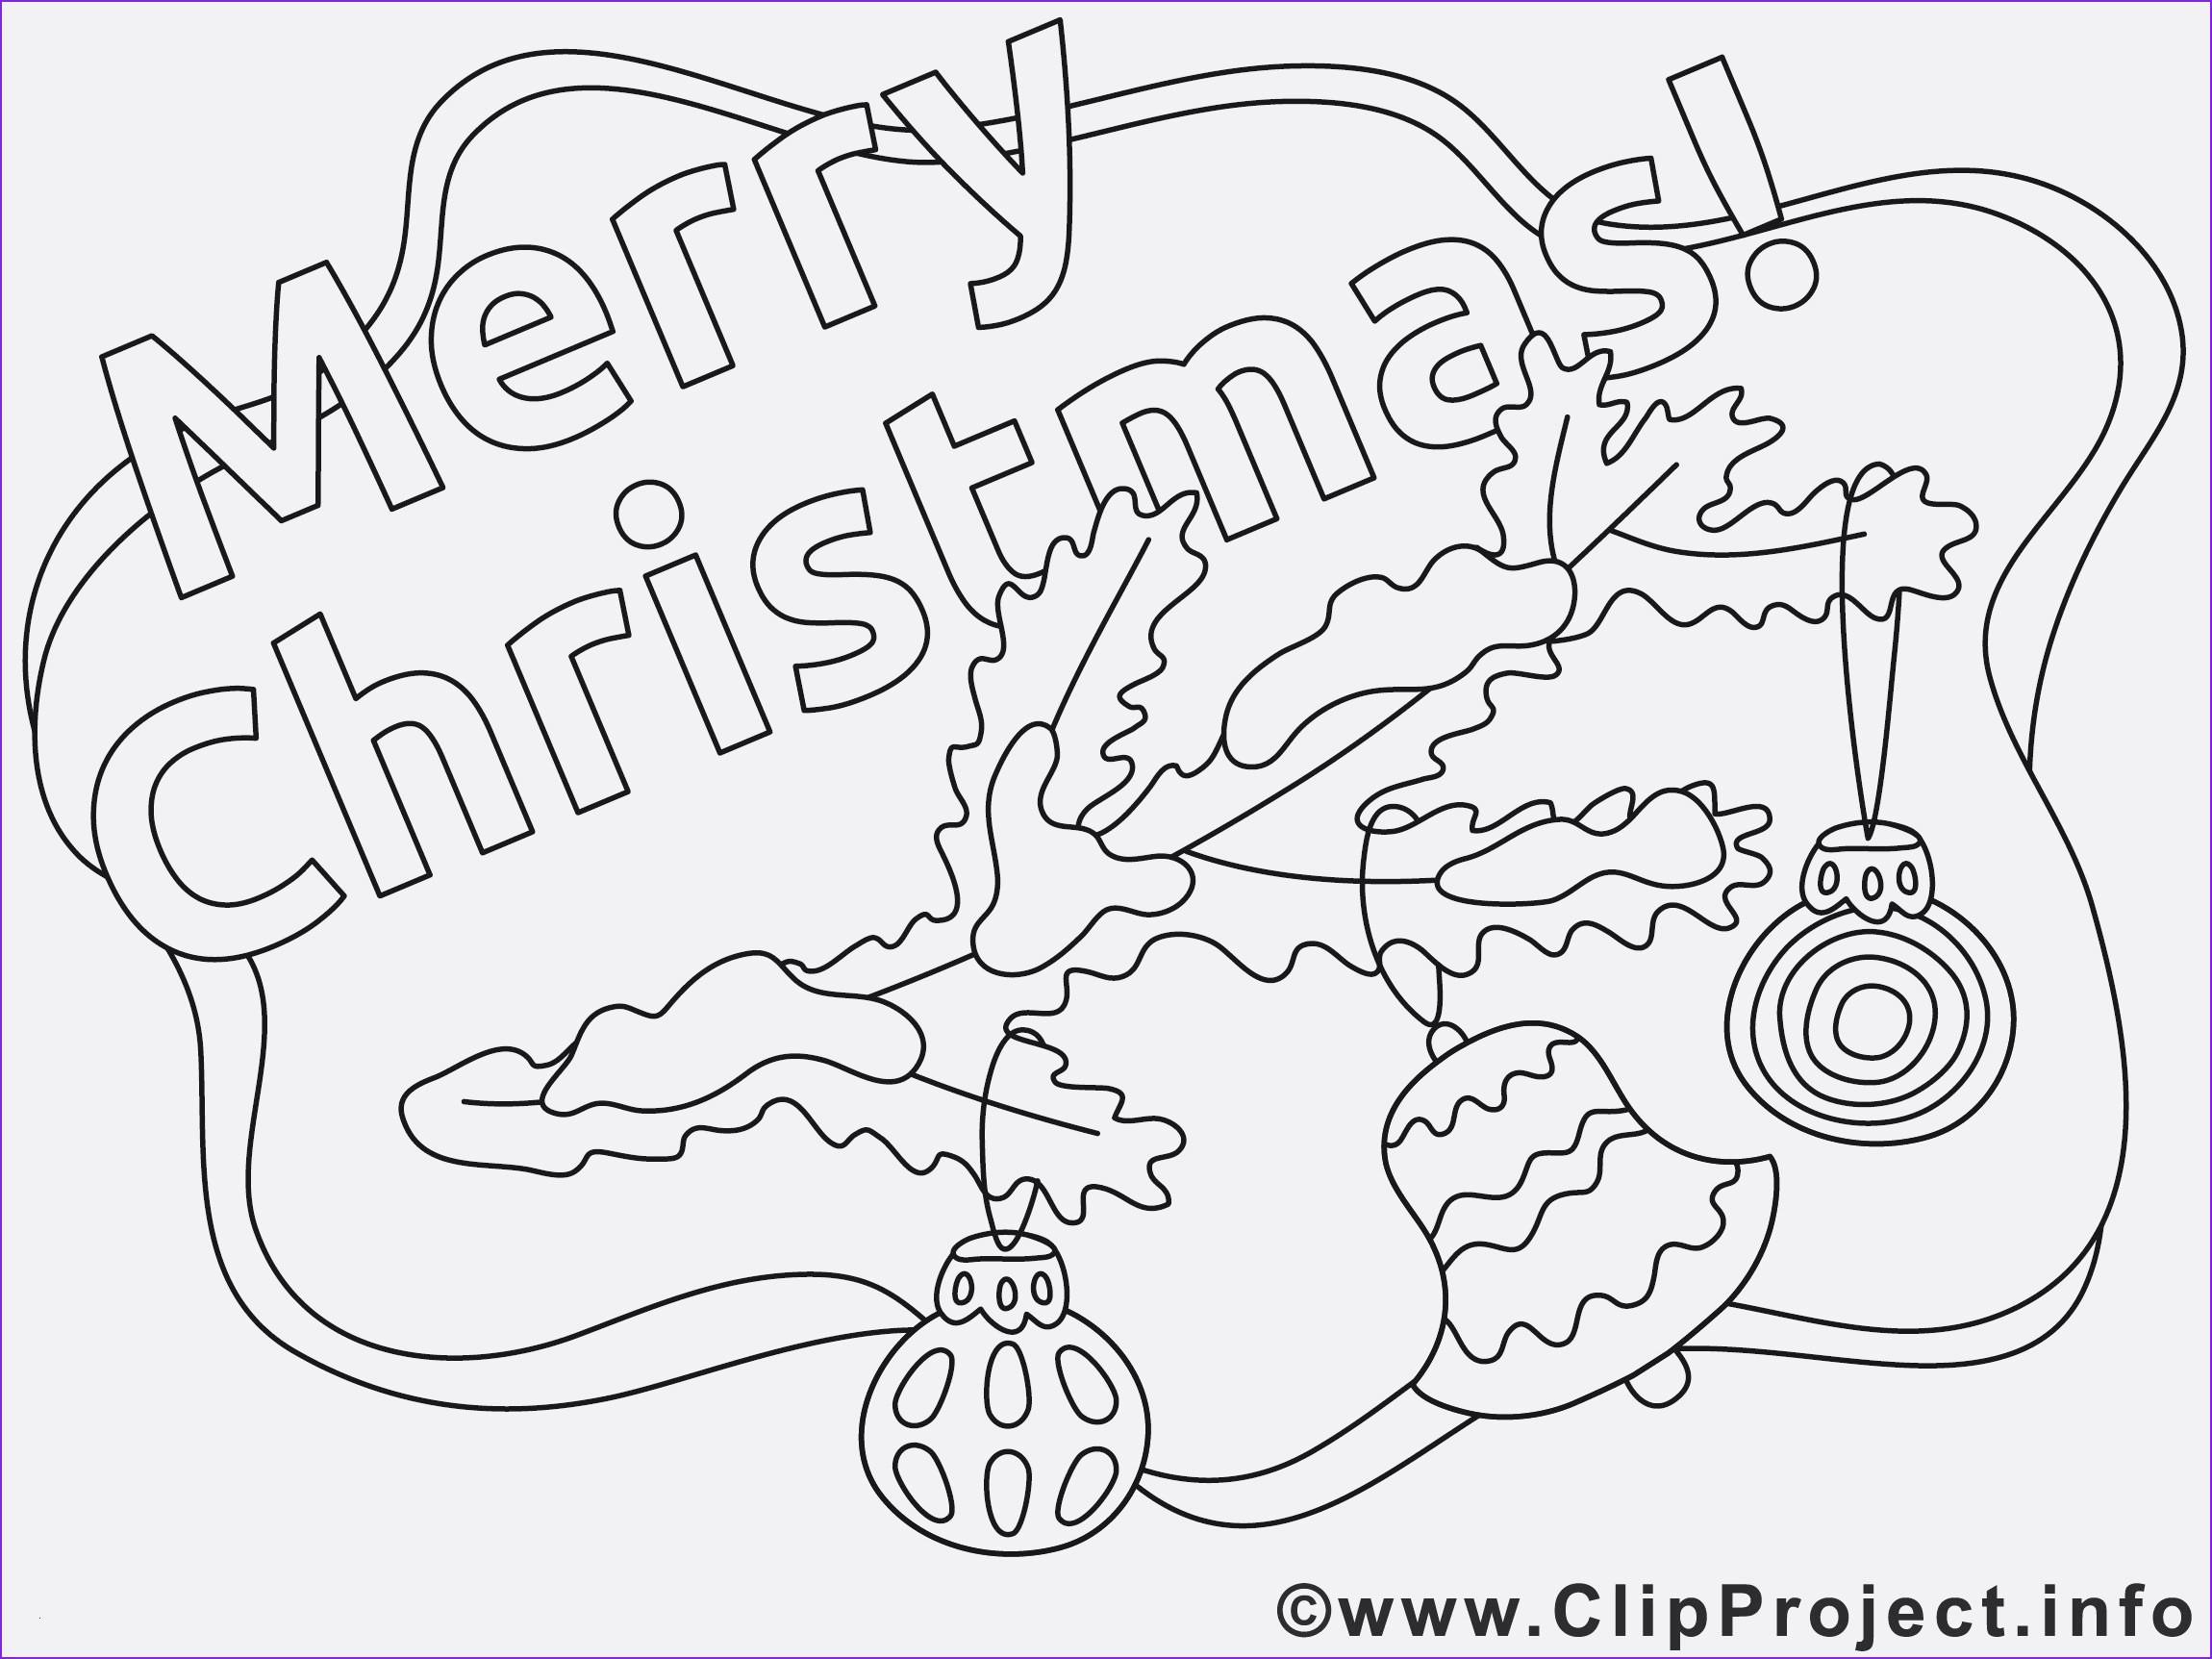 Weihnachts Ausmalbilder Rentier Frisch Malvorlagen Weihnachten Rentiere Elegant 25 Genial Ausmalbilder Sammlung